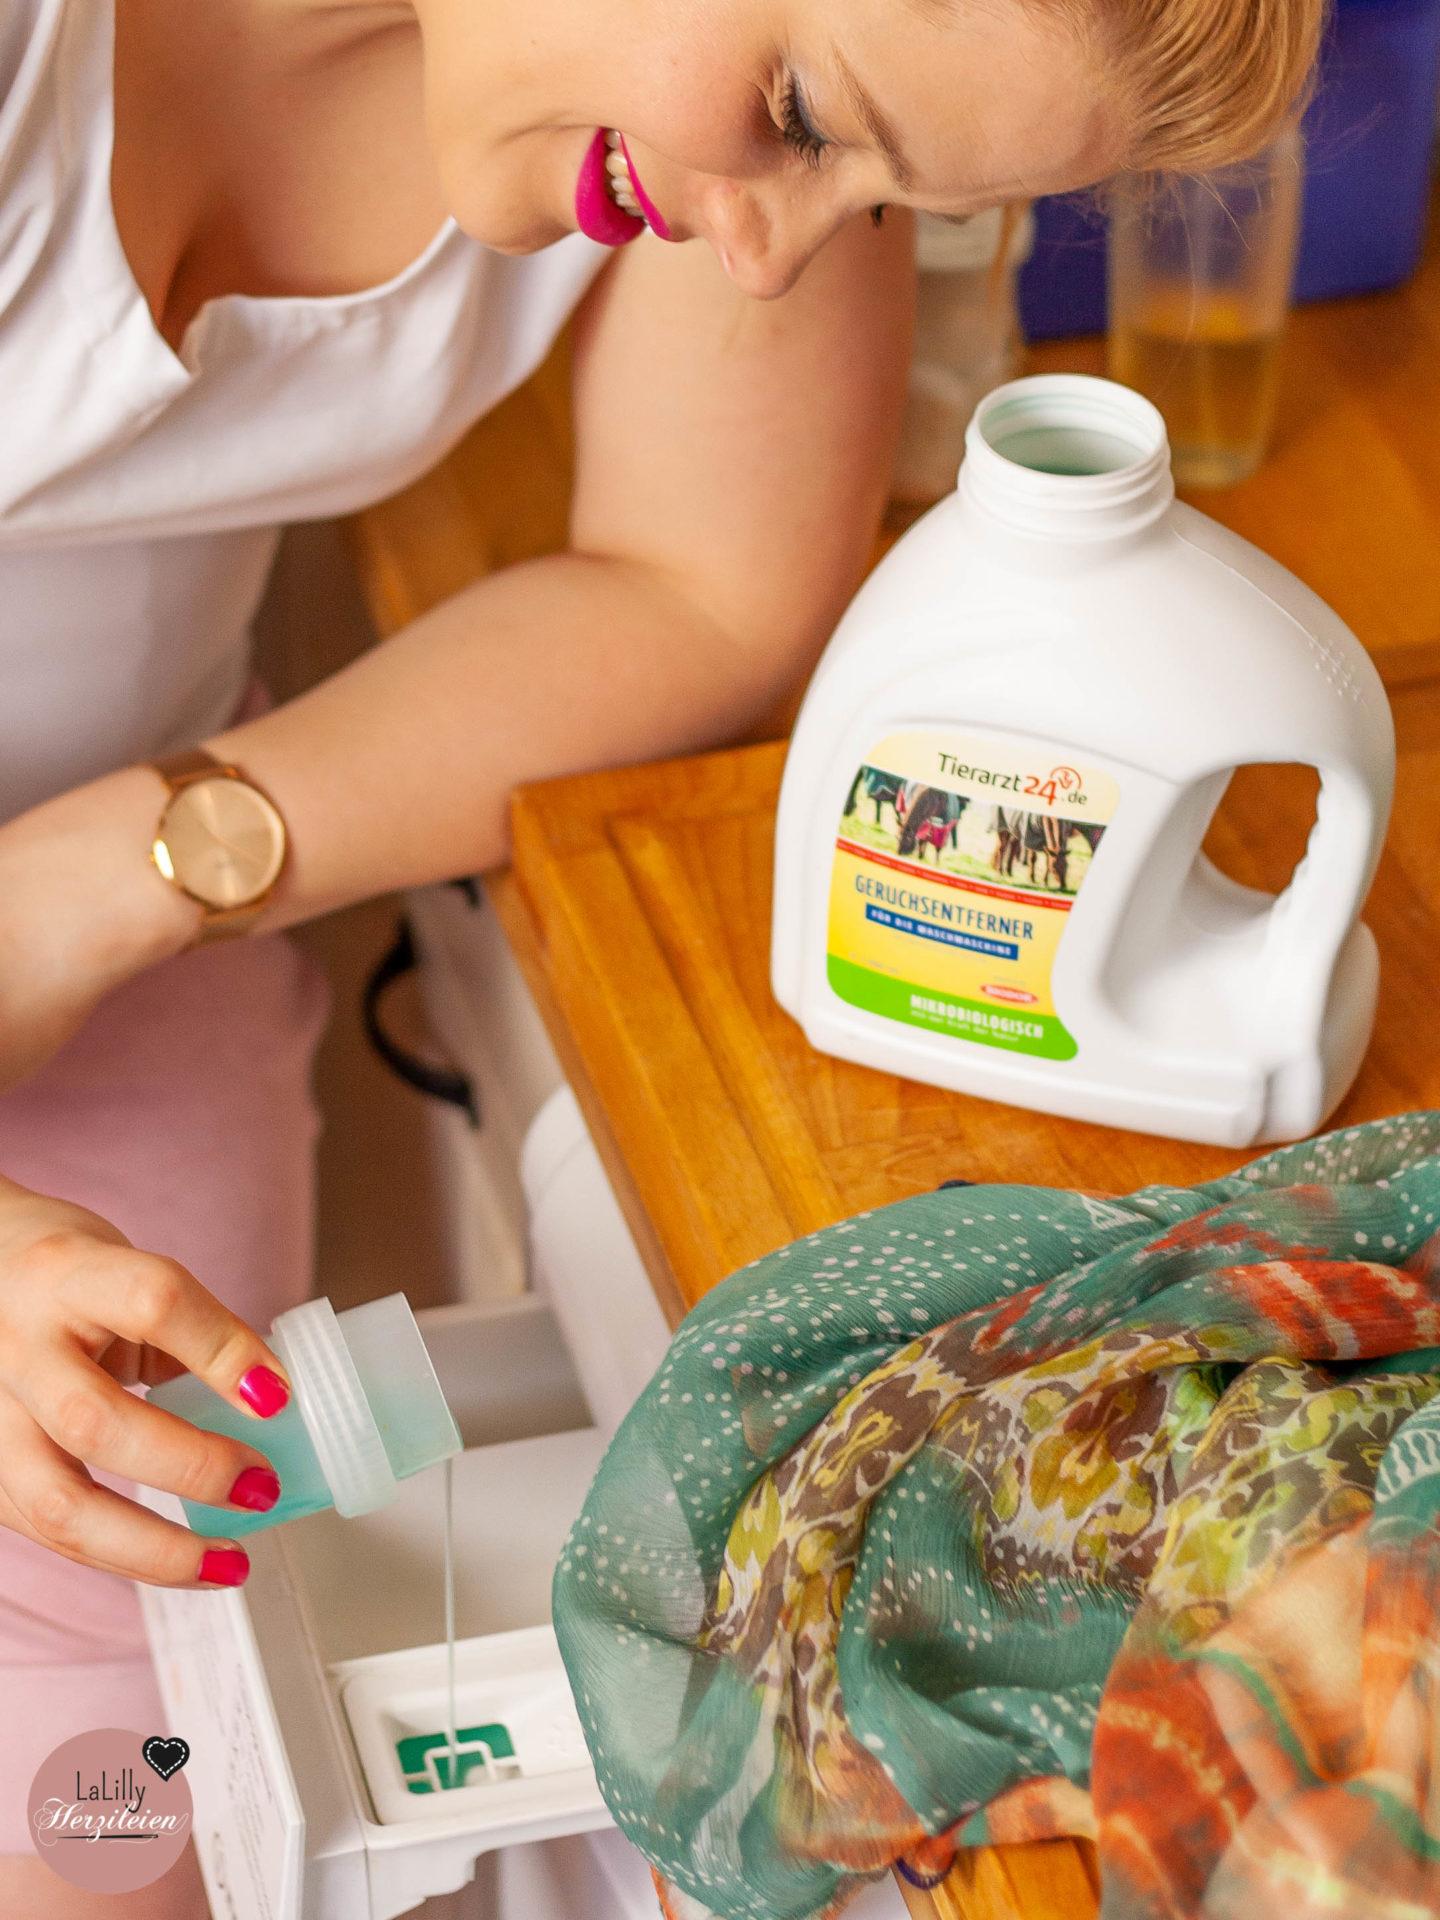 Selbstgenähte Kleidung richtig pflegen ist einfach und erhält dir lange die Freude an deinen Nähstücken. 5 Tipps für langlebige DIY Fashion, damit du ohne Angst waschen kannst!